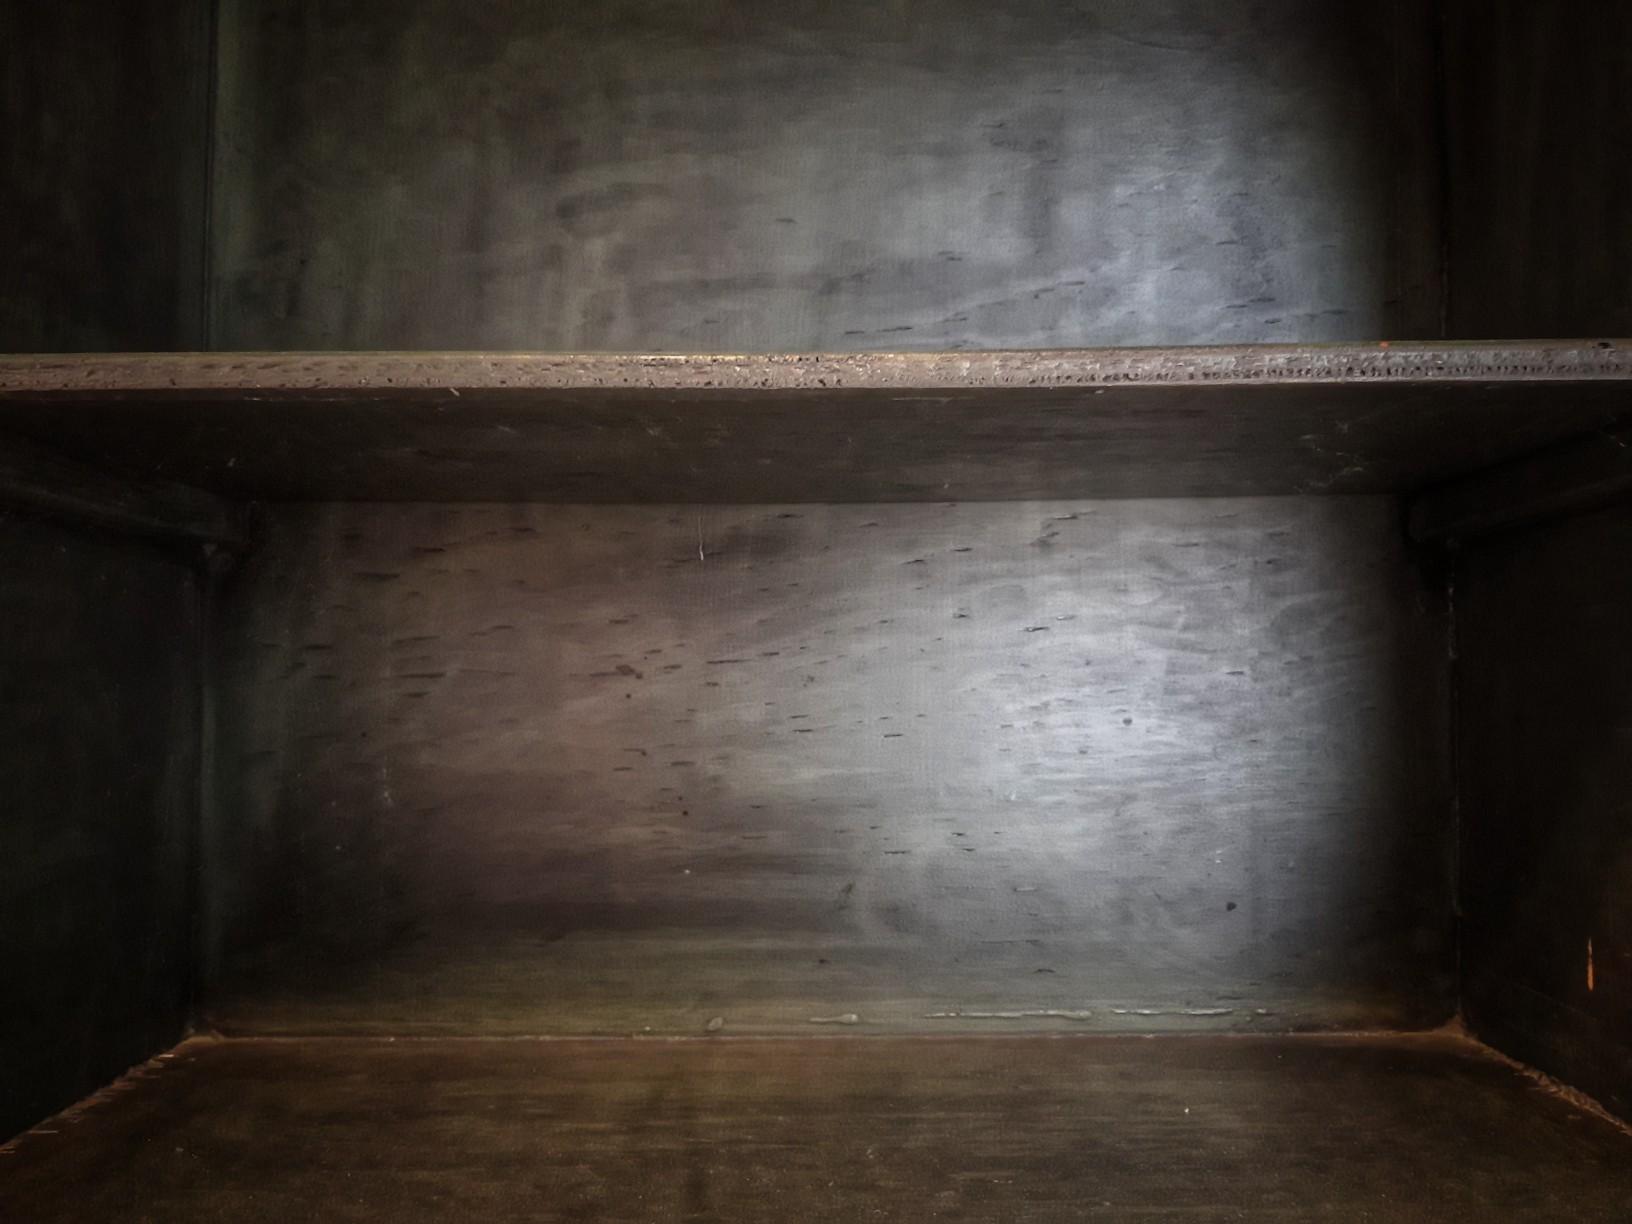 Leeres Bücherregal aus dunklem Holz mit zwei Etagen